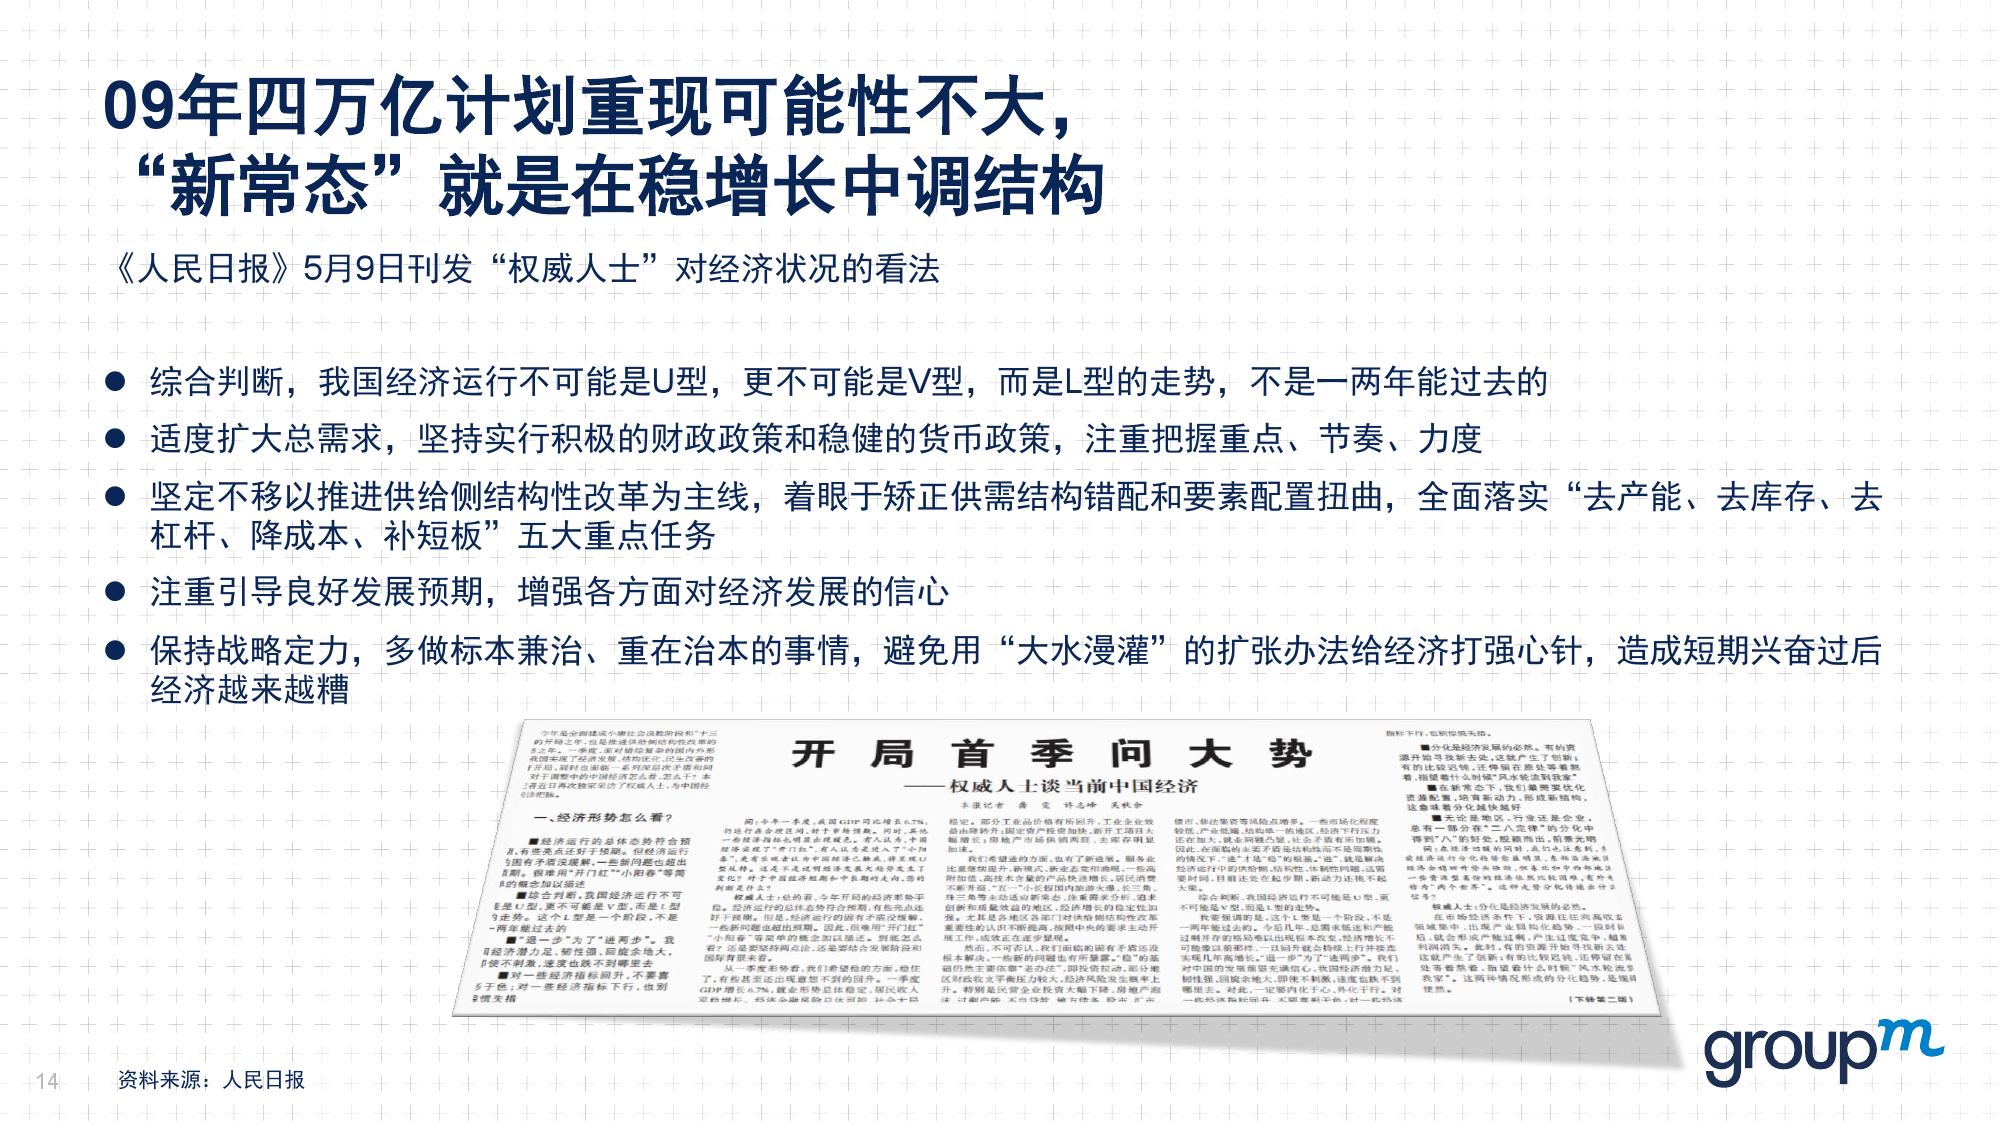 赢在中国2016:从需求刺激转向供给侧改革_000014